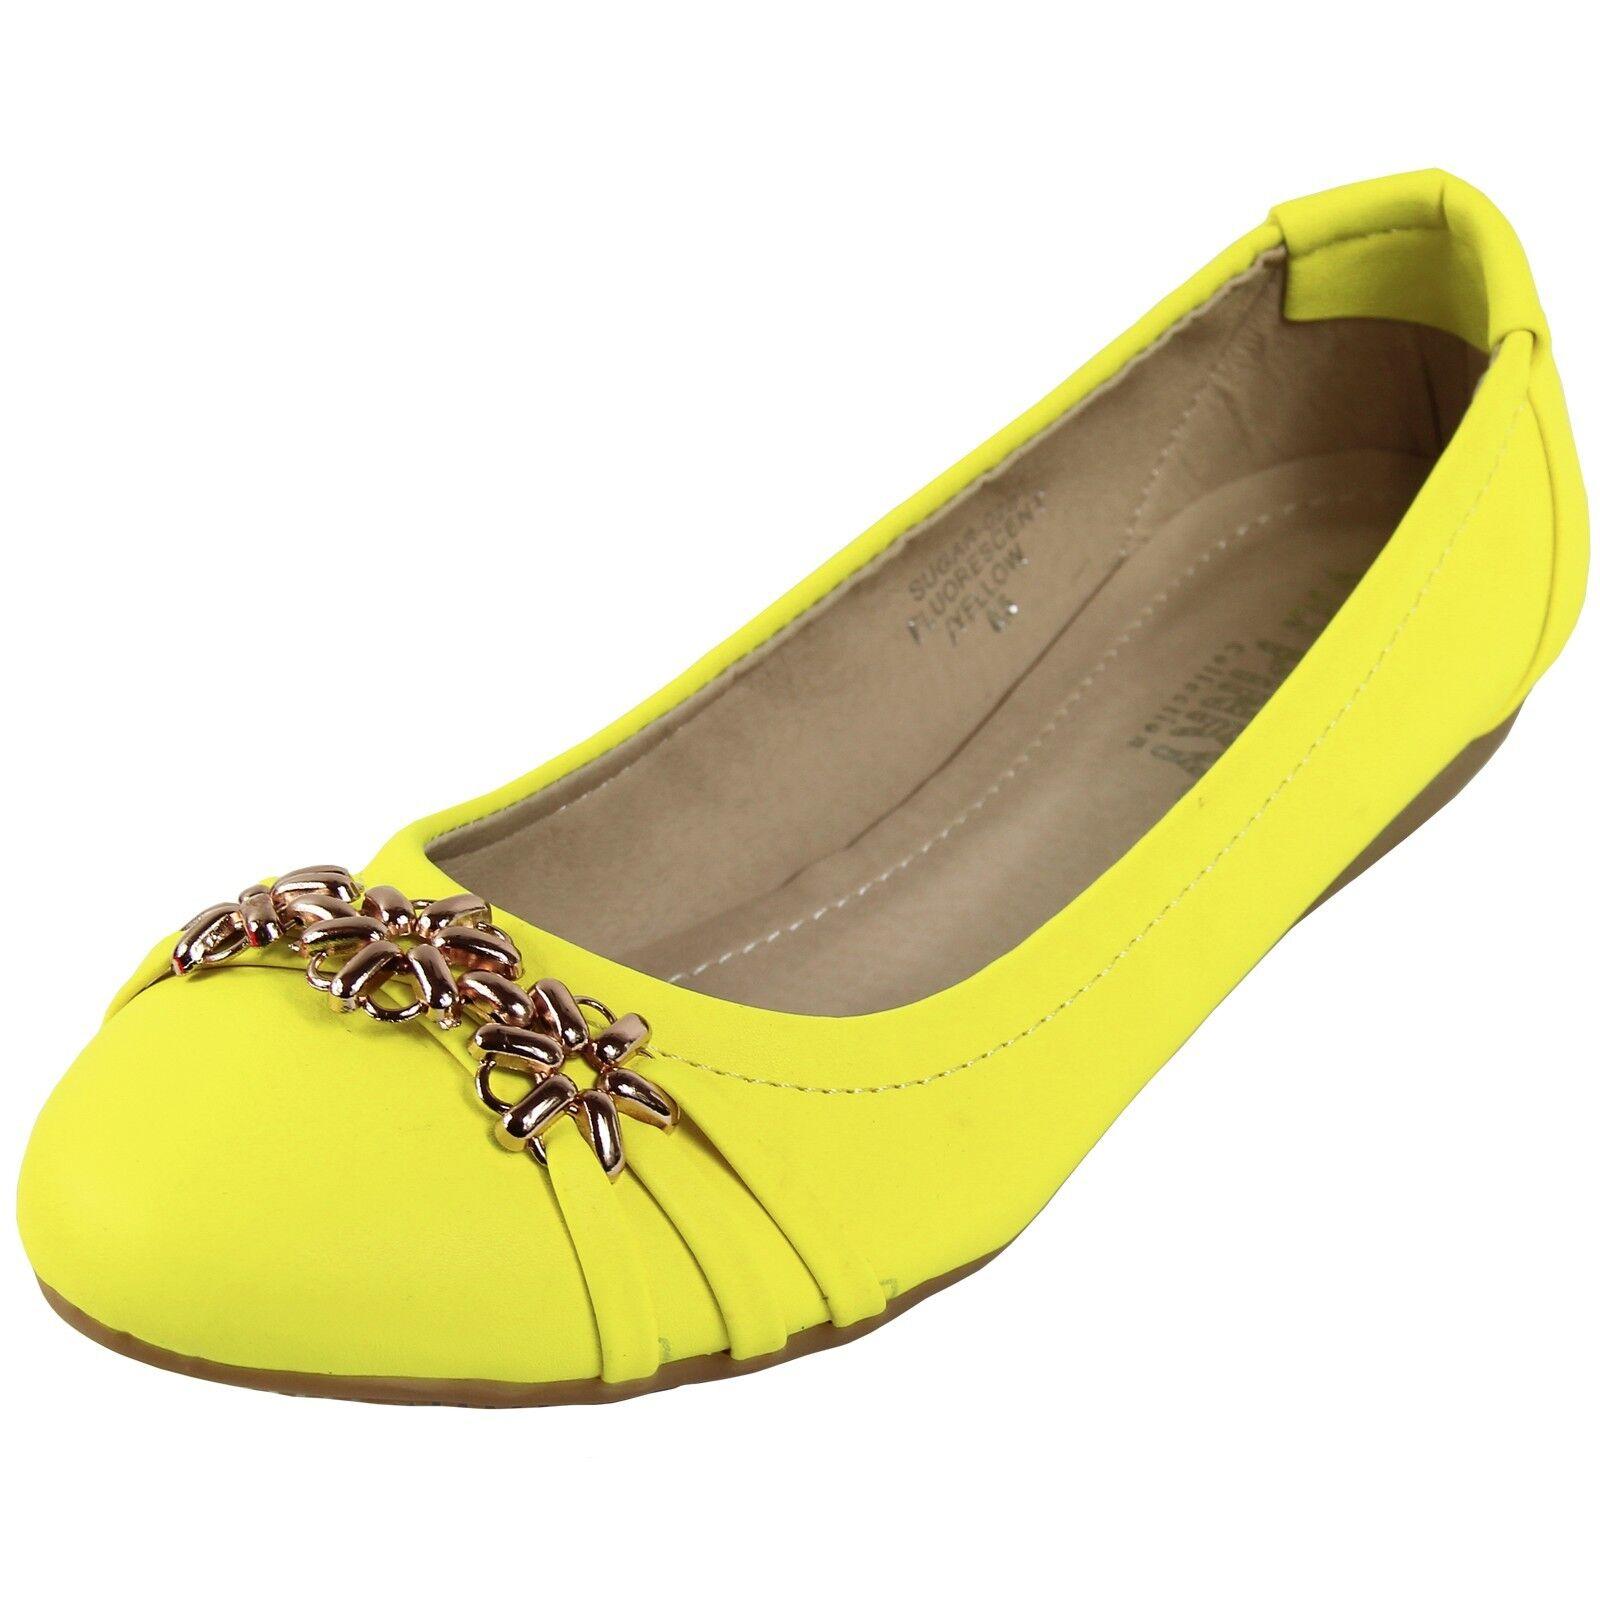 de nouvelles chaussures pour femme femme femme travail occasionnel ballet flat ballerine synthétique jaune néon 2c8521